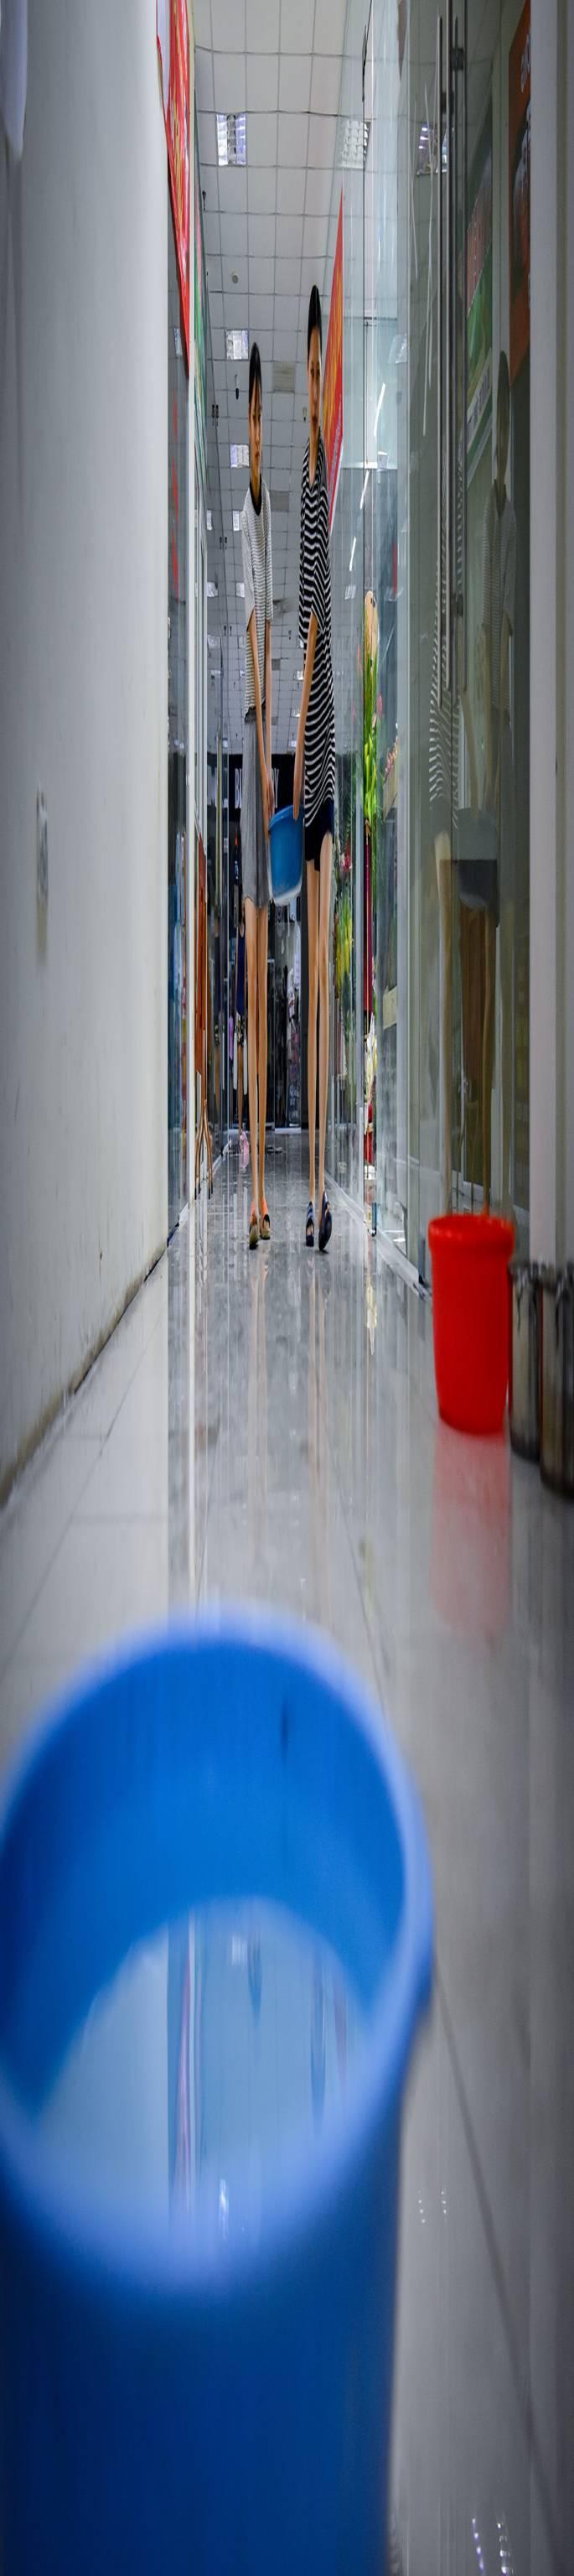 Cuộc sống người Hà Nội đảo lộn trong cơn khủng hoảng nước-31